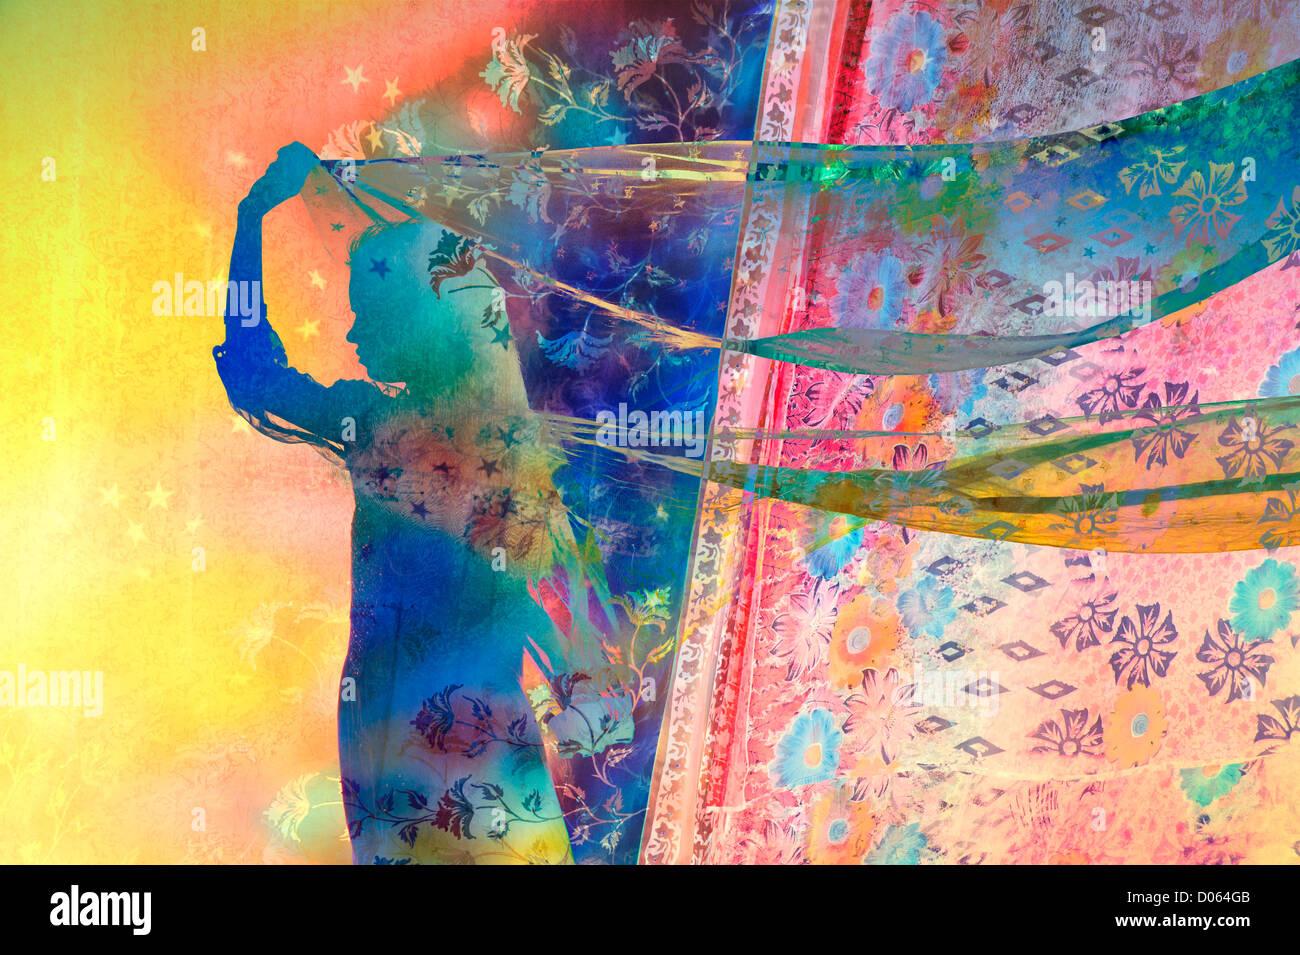 Ragazza indiana con stella e motivi floreali veli nel vento. Silhouette. Colorato montage Immagini Stock